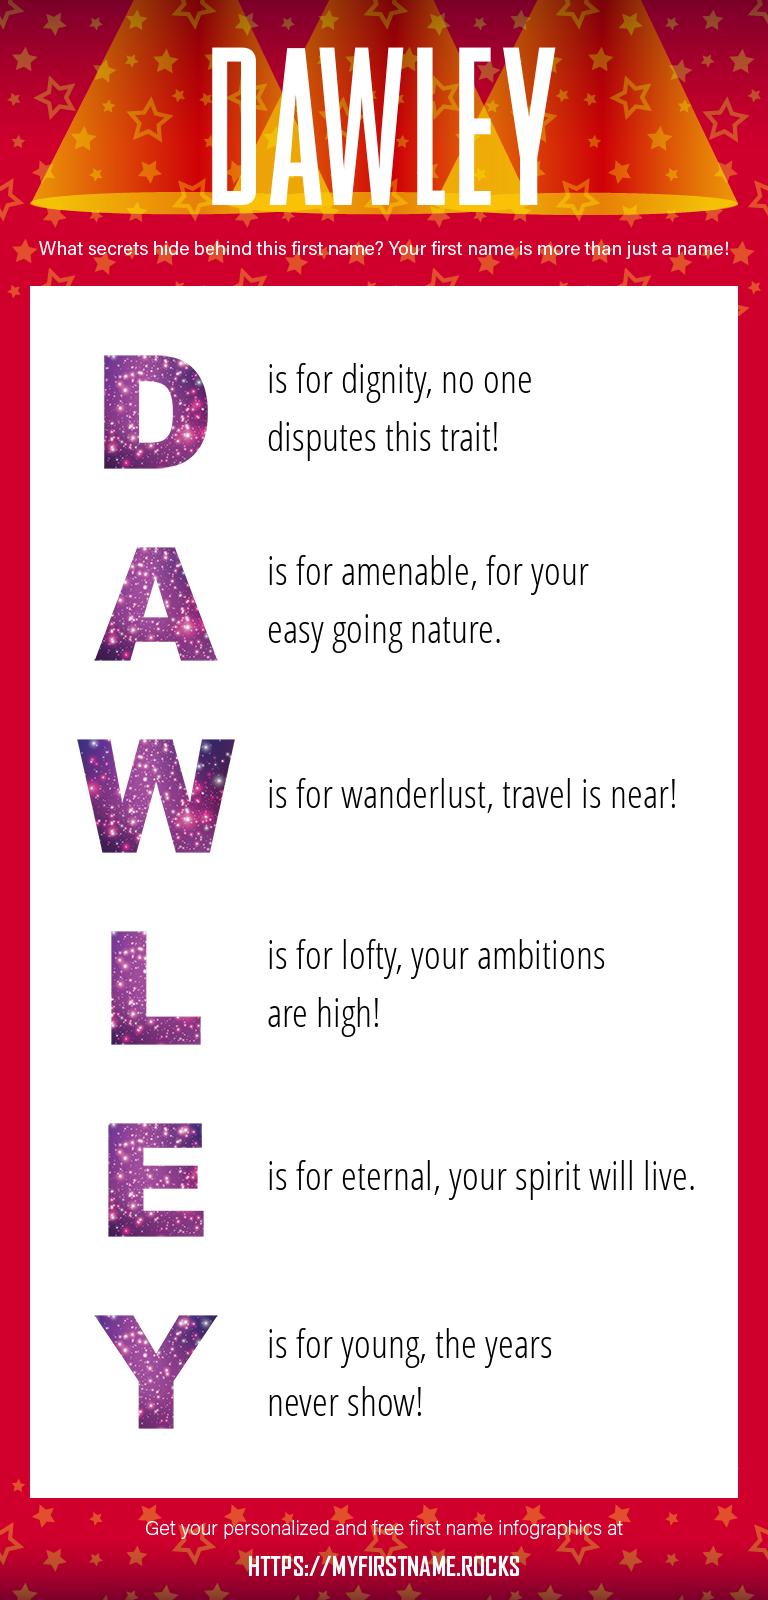 Dawley Infographics